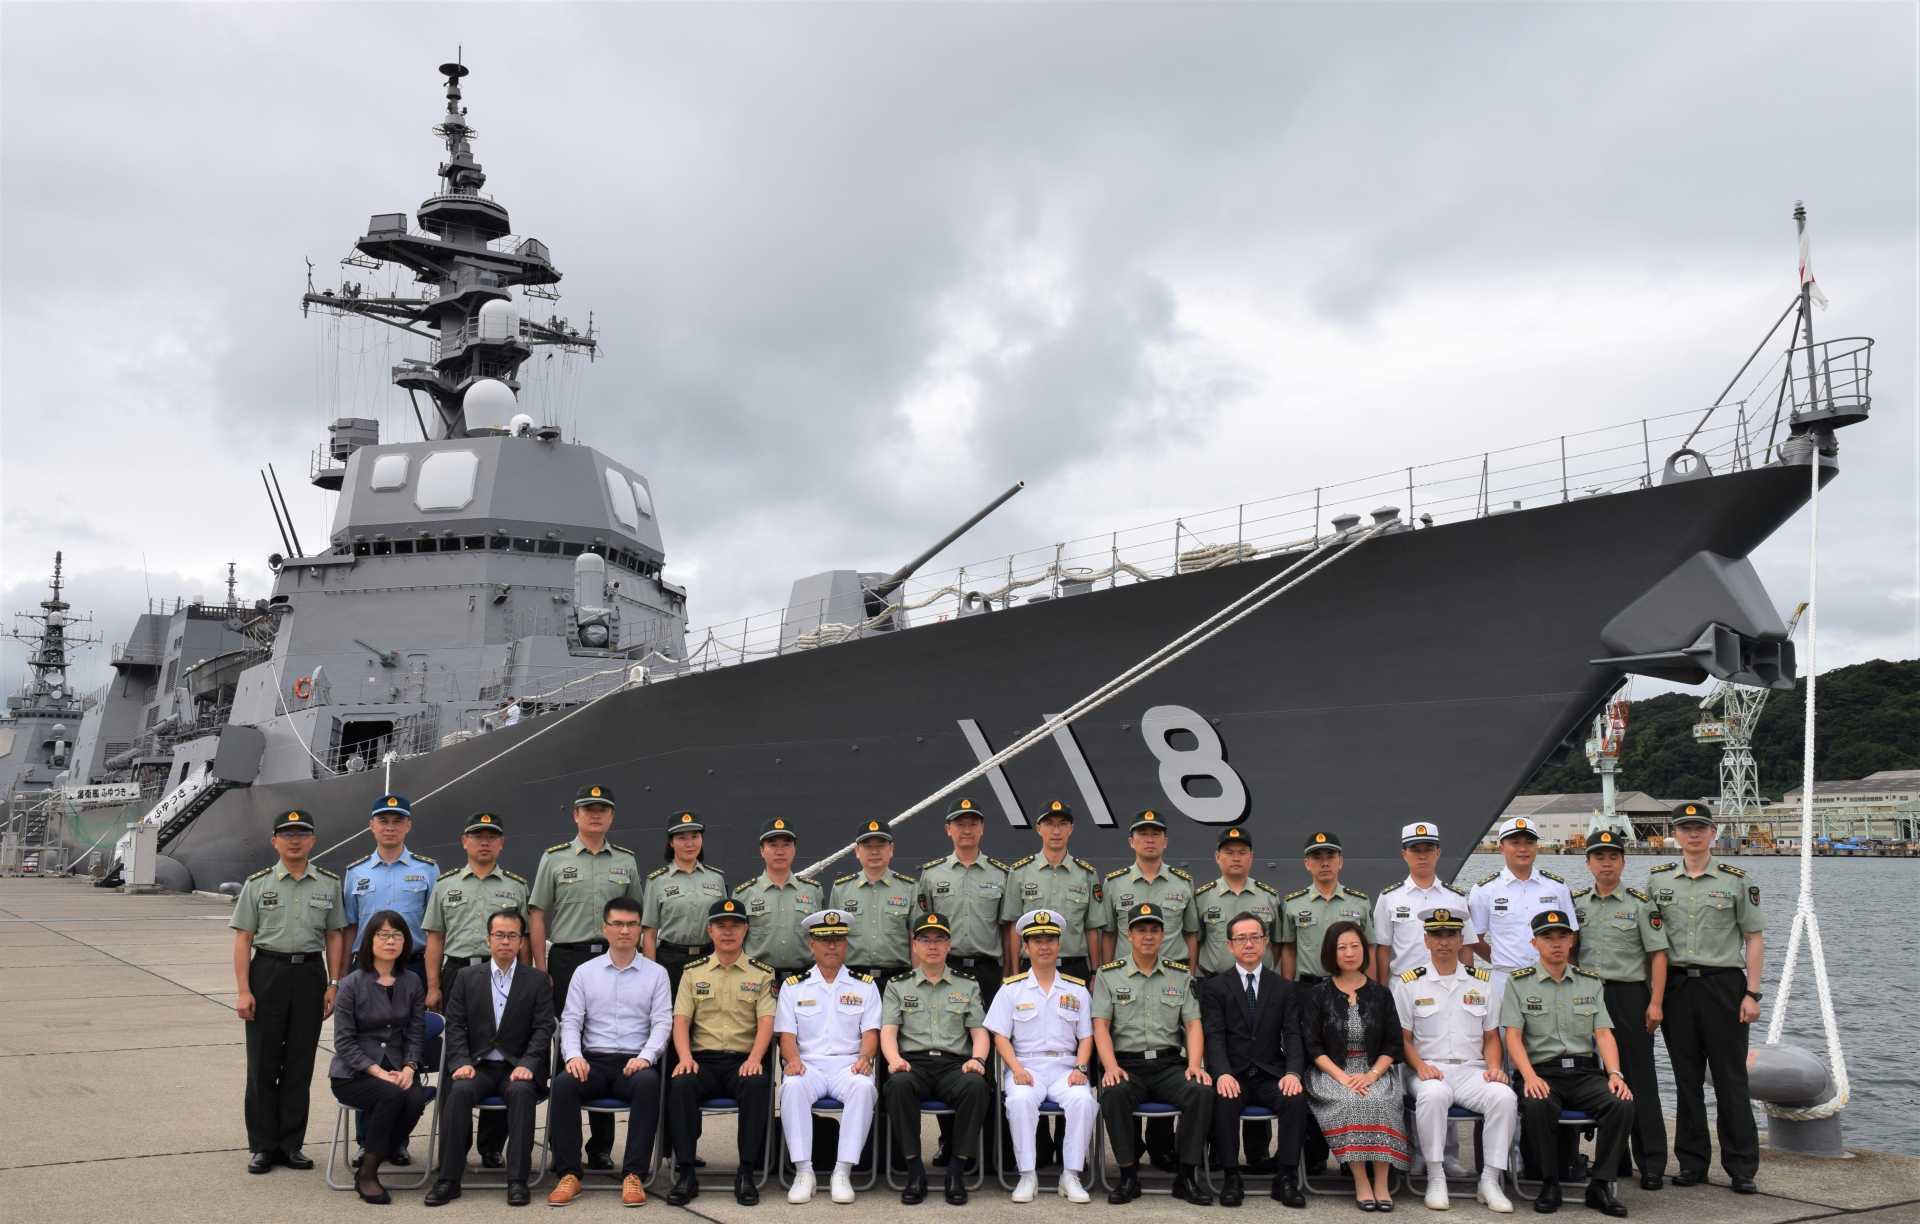 海上自衛隊舞鶴地方隊の視察では、護衛艦「ふゆづき」に乗艦した